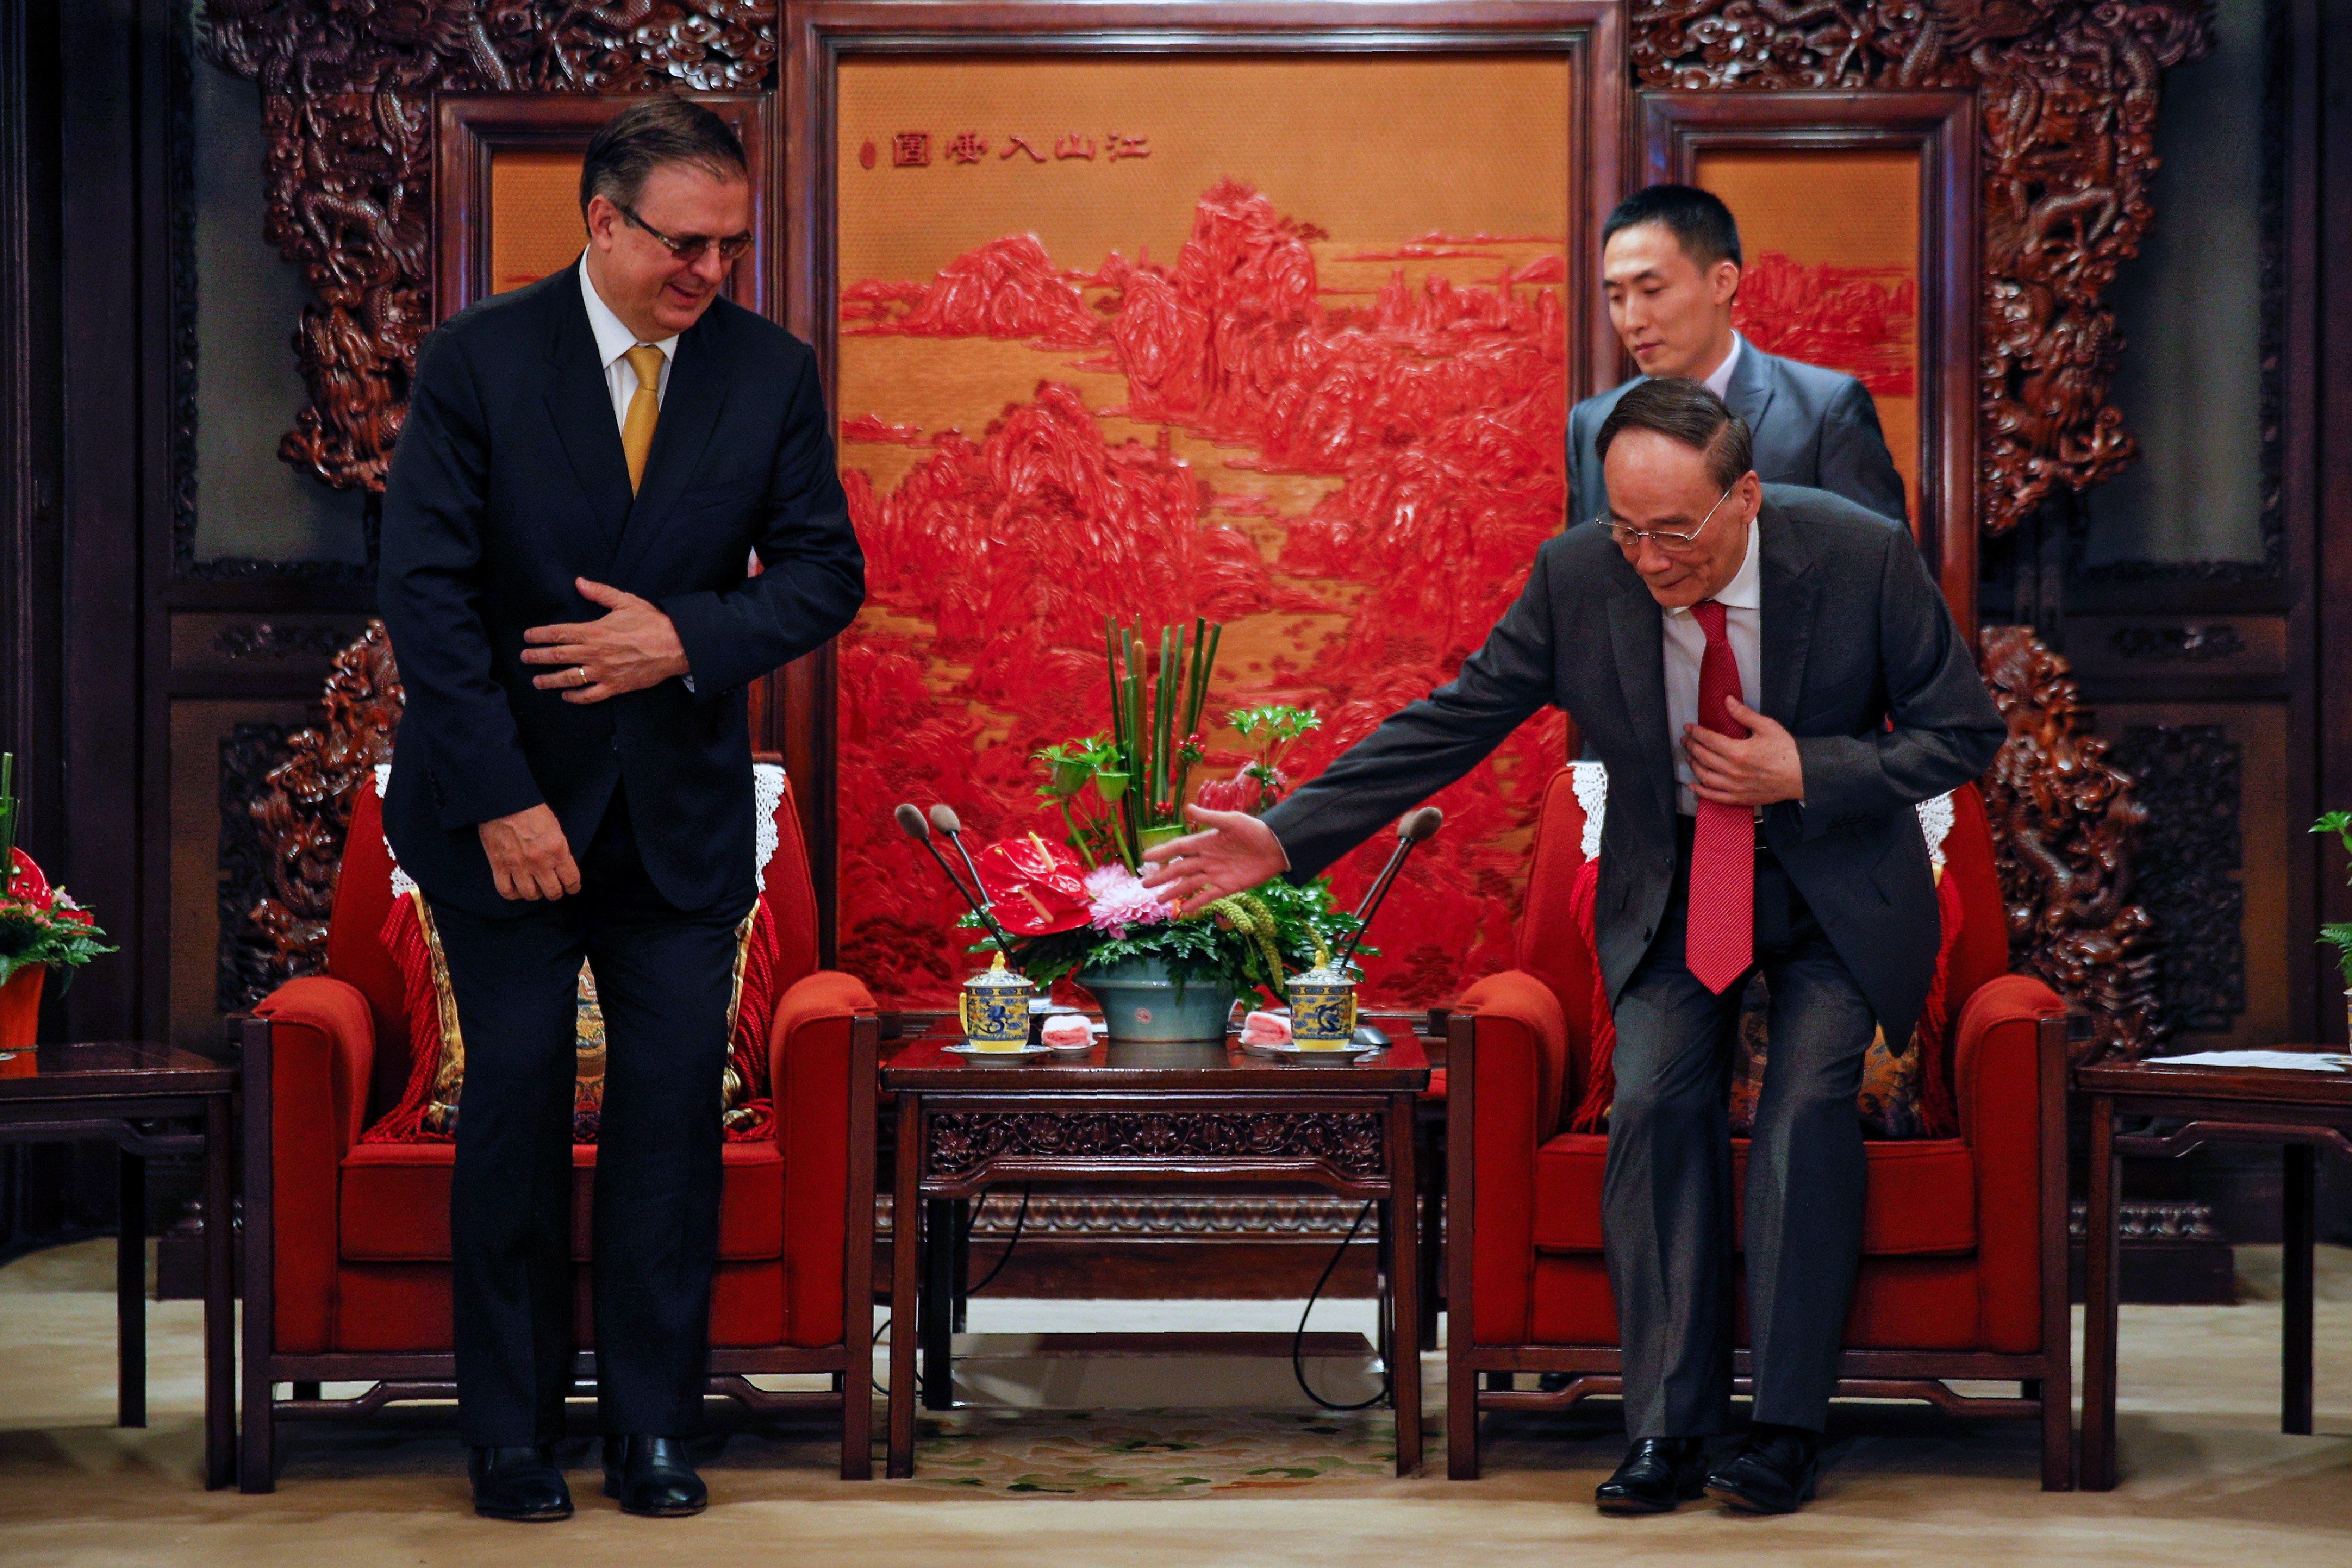 El vice presidente chino Wang Qishan da la bienvenida al canciller mexicano Marcelo Ebrard, en la ciudad de Beijing, China.